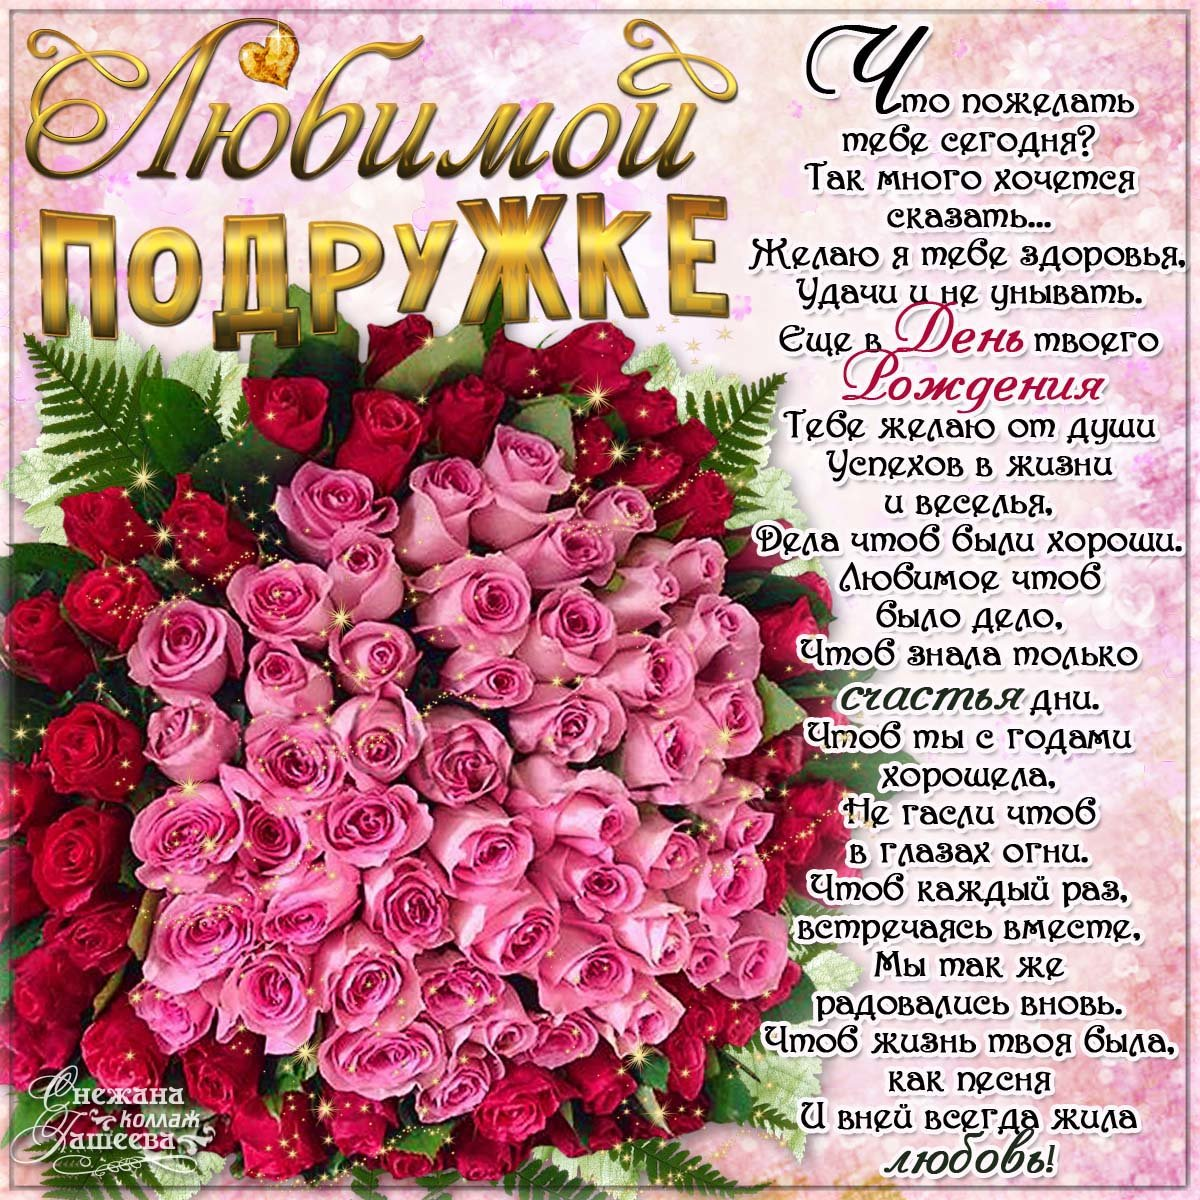 Кратко поздравление с днём рождения женщине в стихах красивые